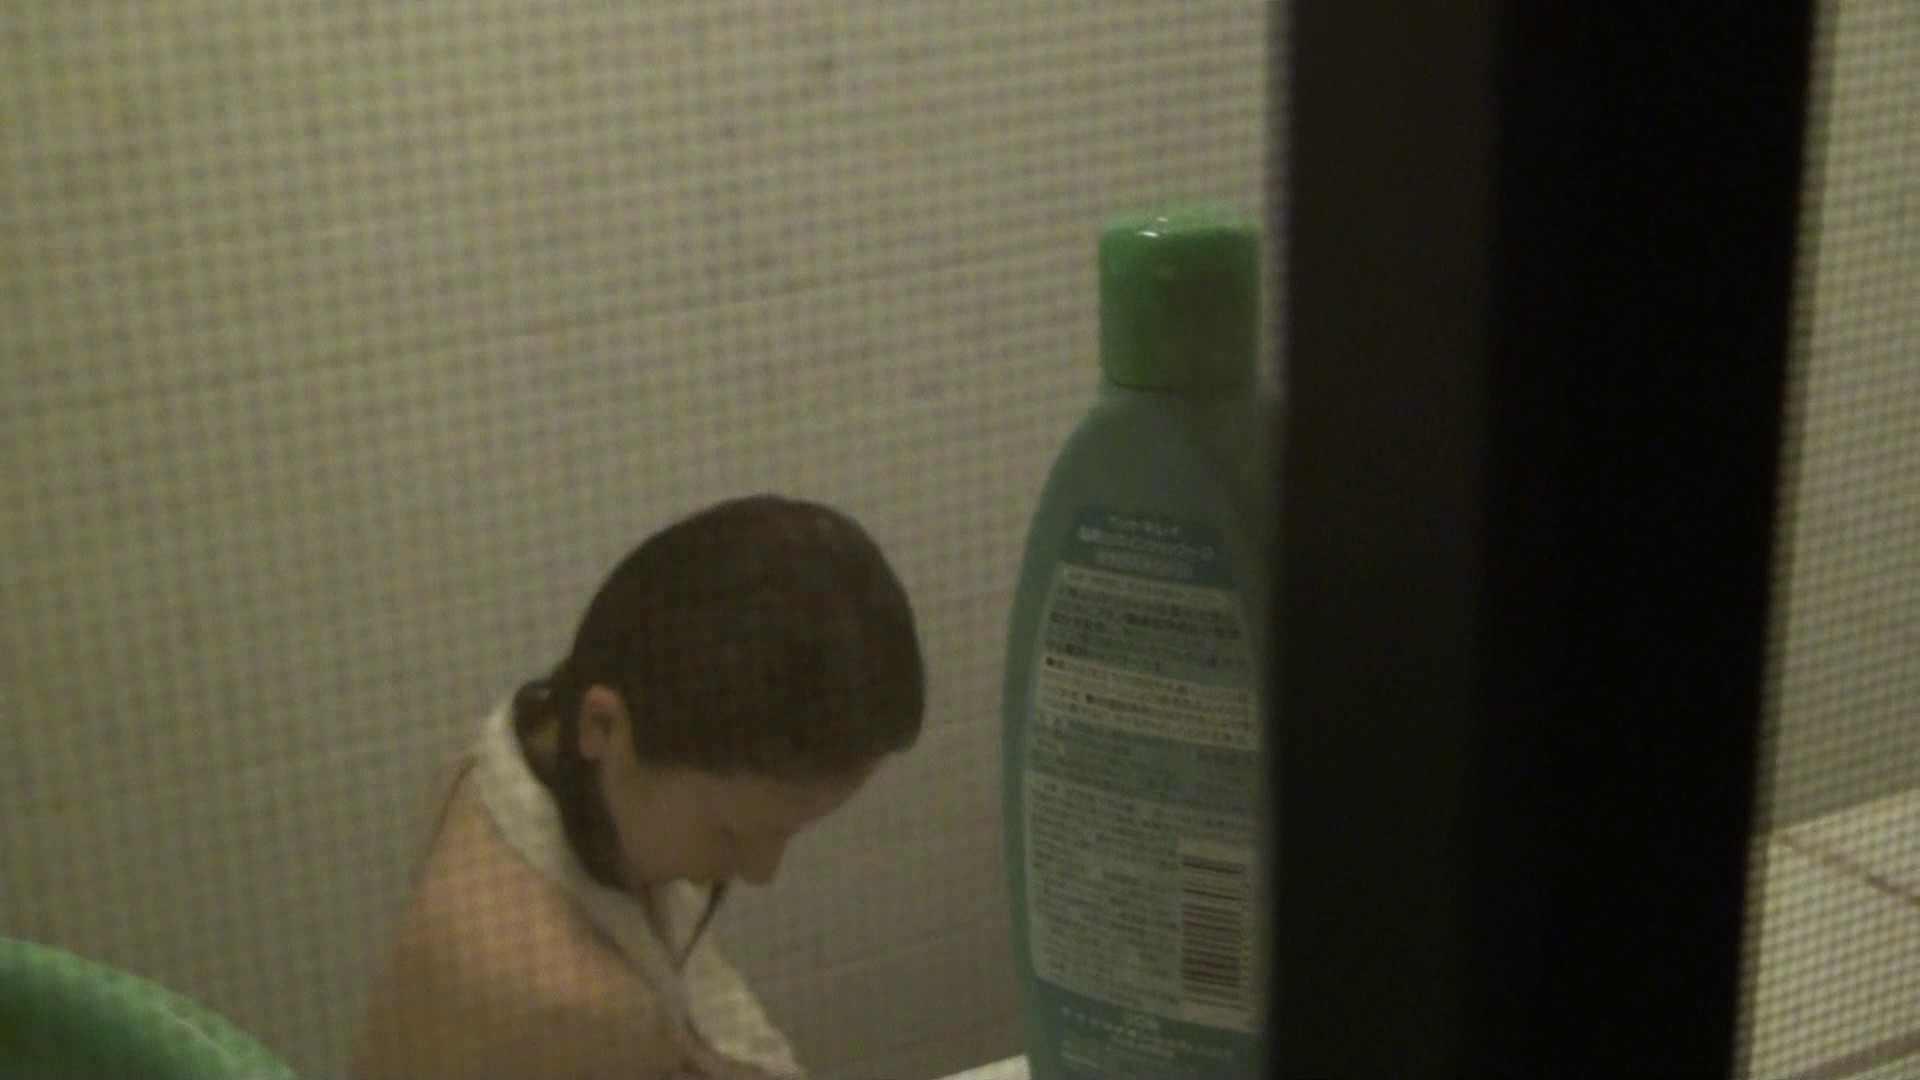 vol.06顔を洗い流す極上お女市さんの裸体をハイビジョンで!風呂上り着替え必見! エッチな盗撮 SEX無修正画像 84pic 11